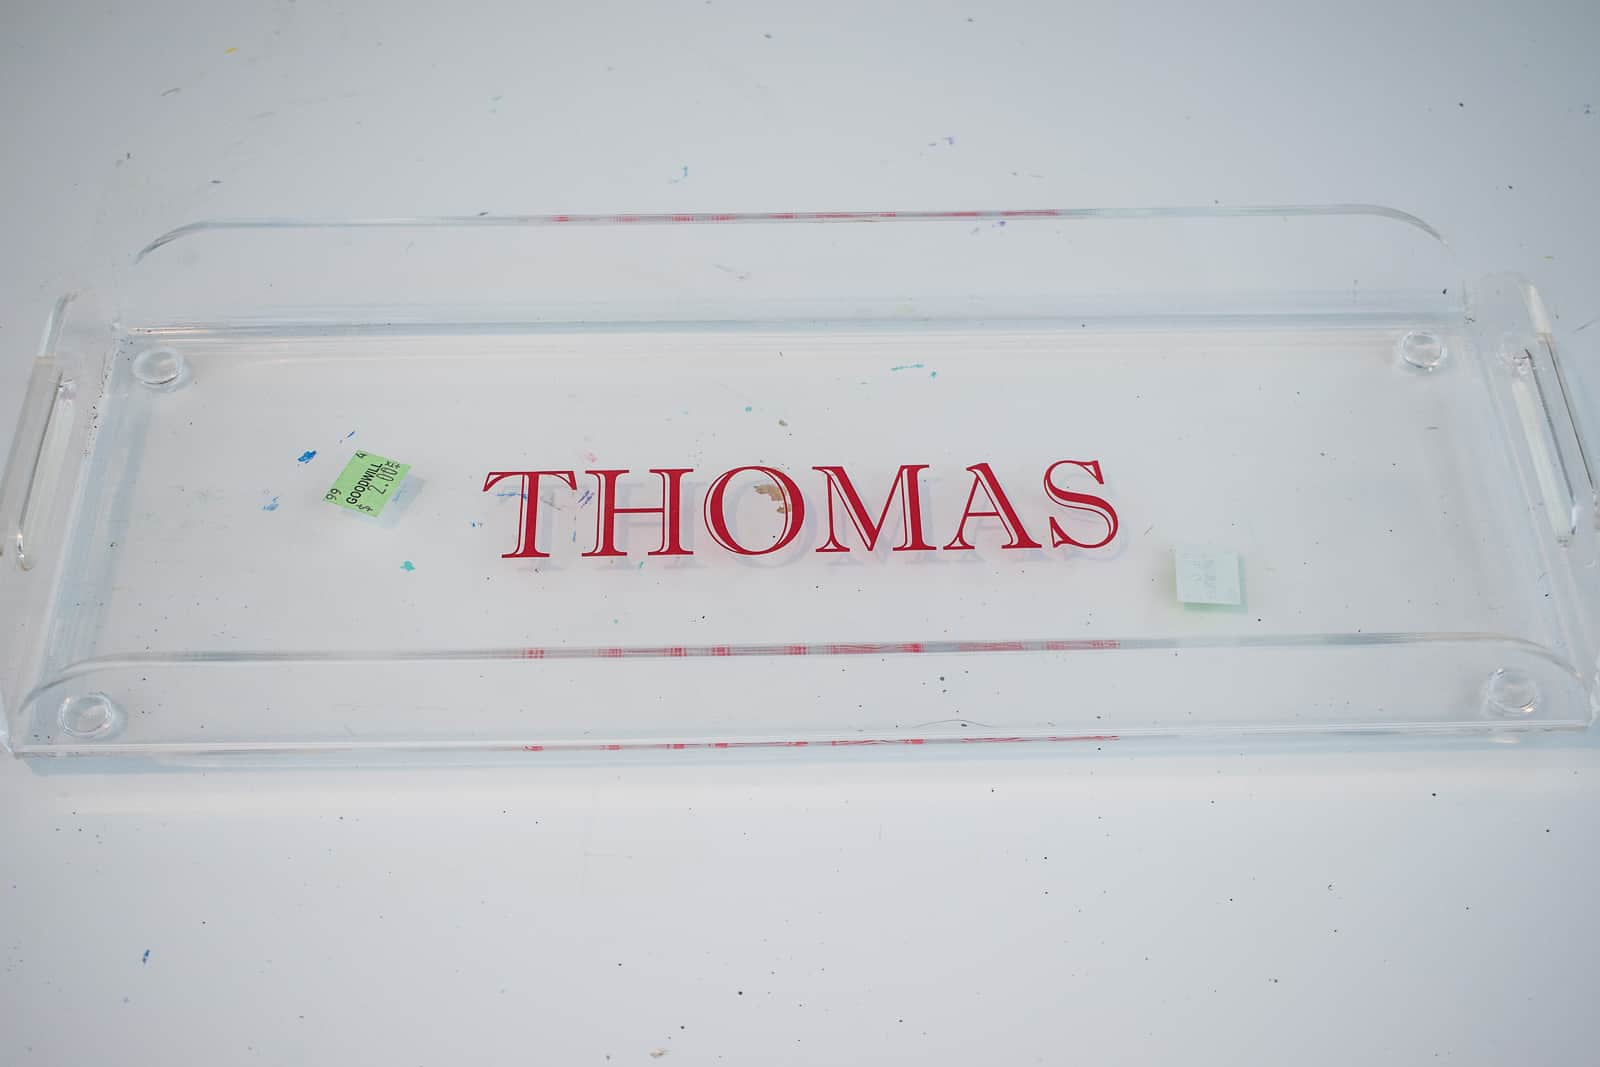 acrylic monogrammed tray